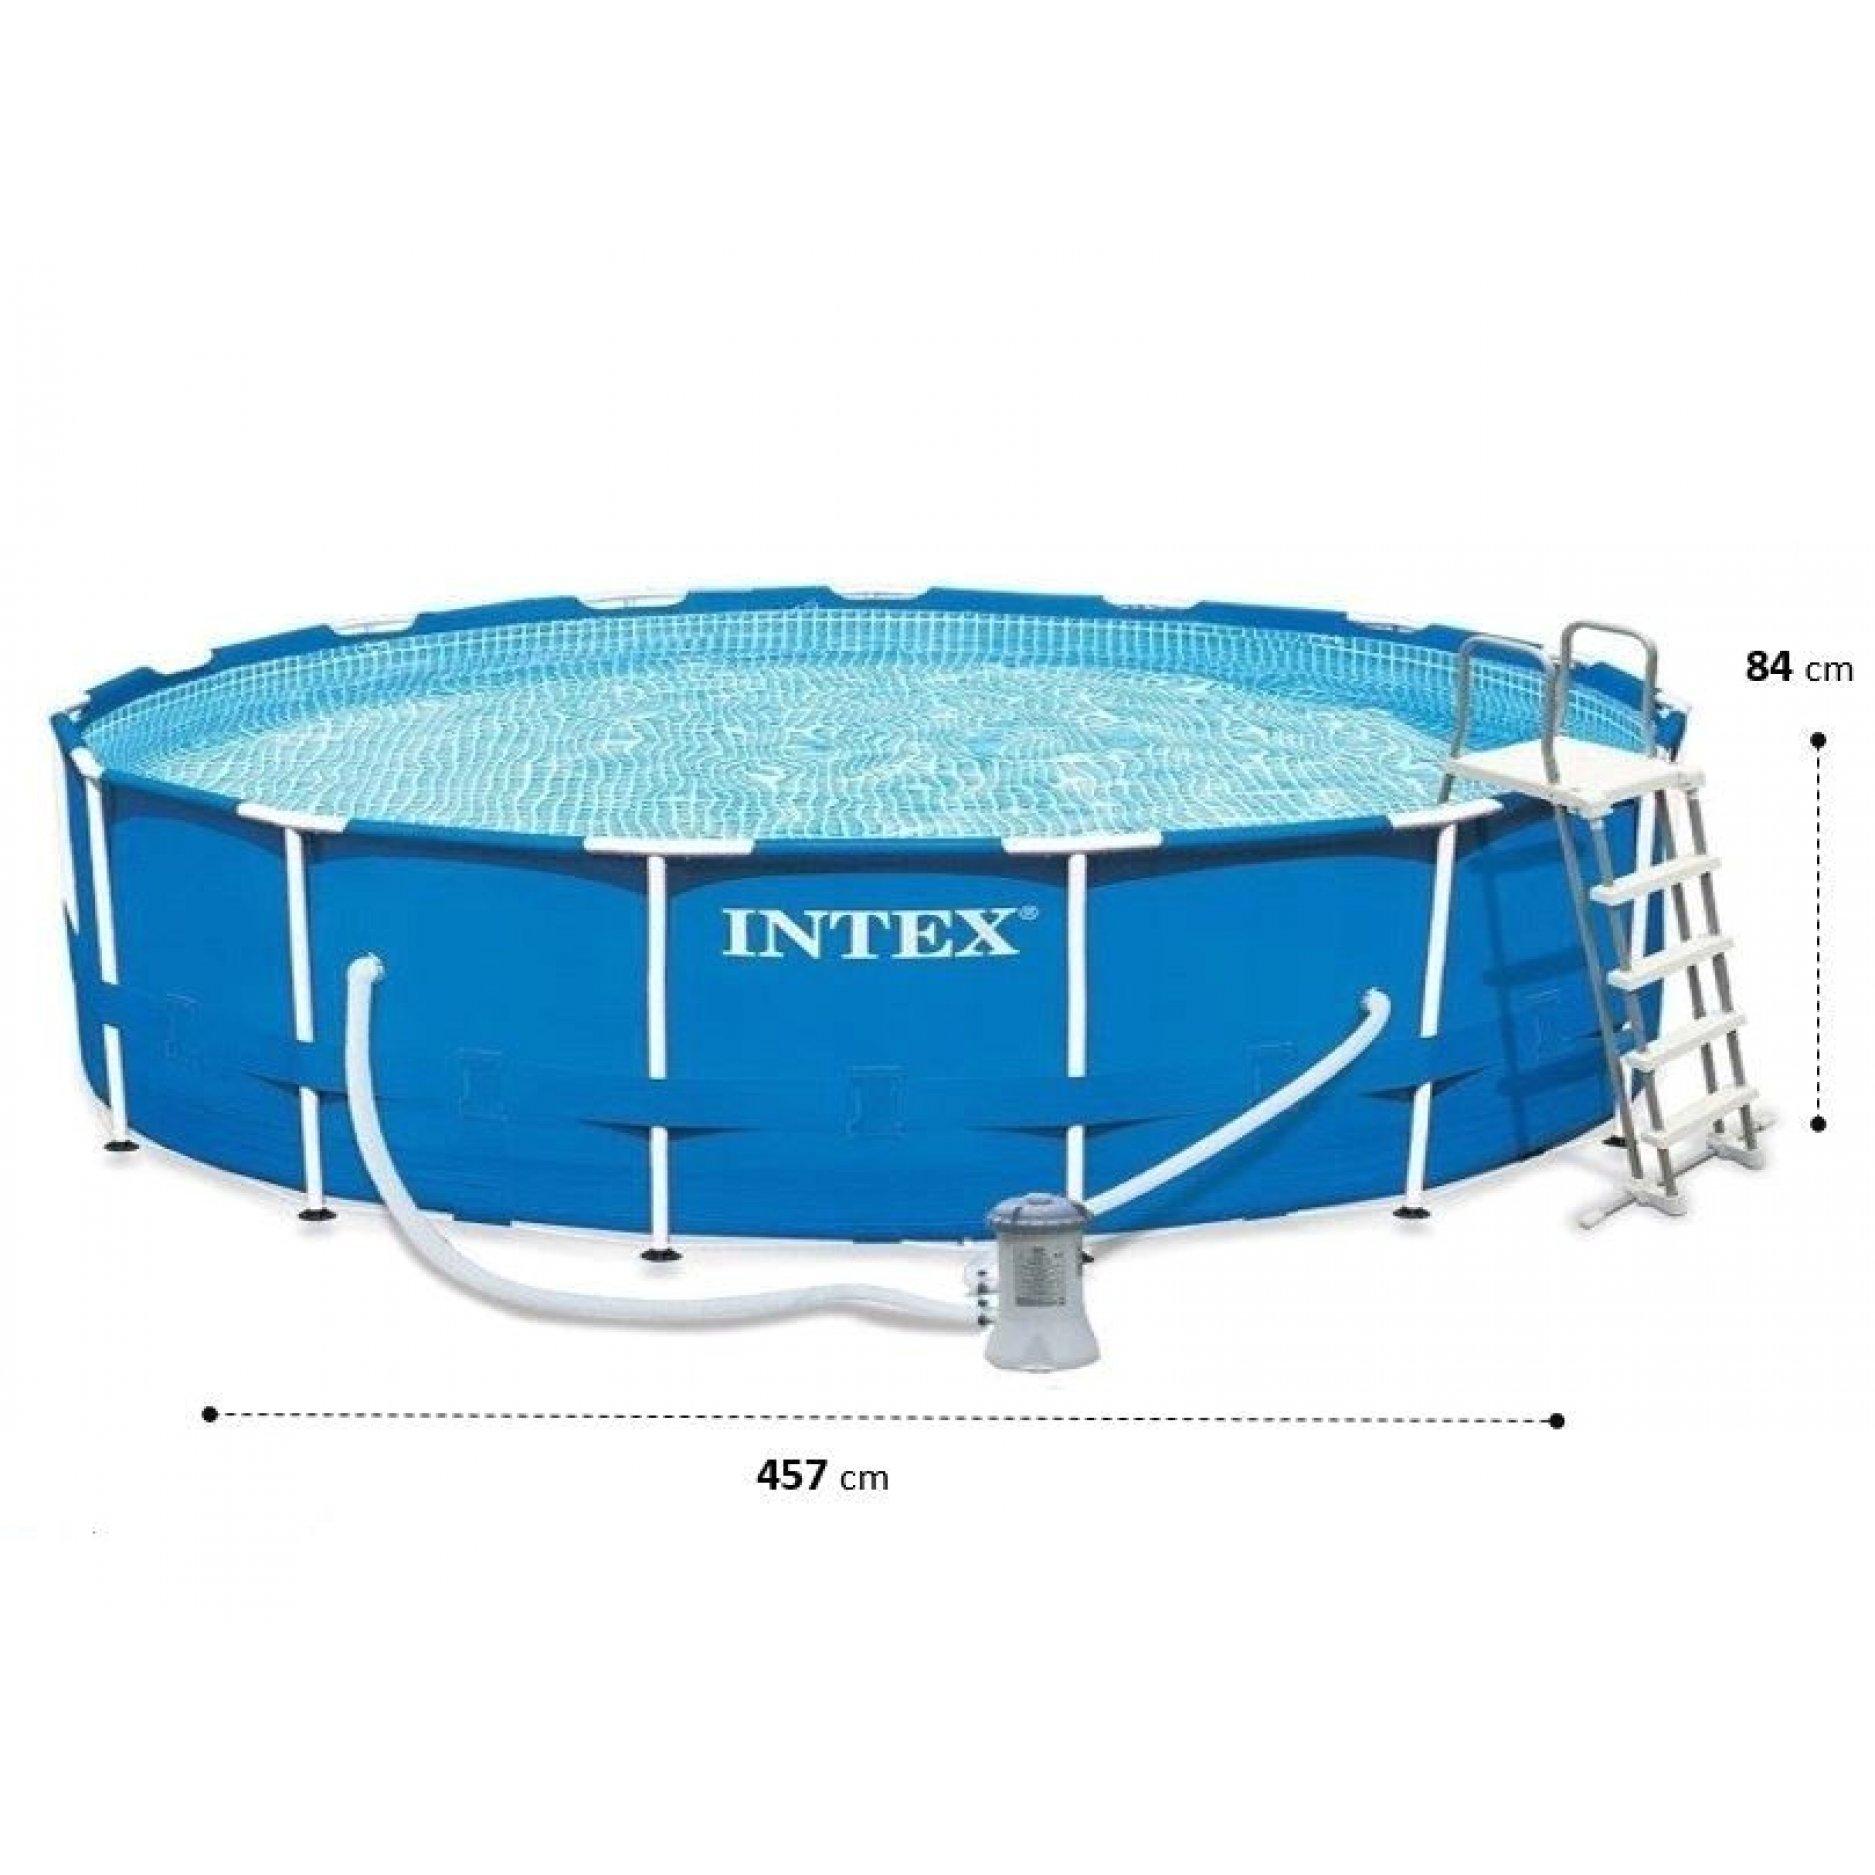 Каркасный бассейн INTEX Metal Frame 4,57х0,84(м), 11325(л)